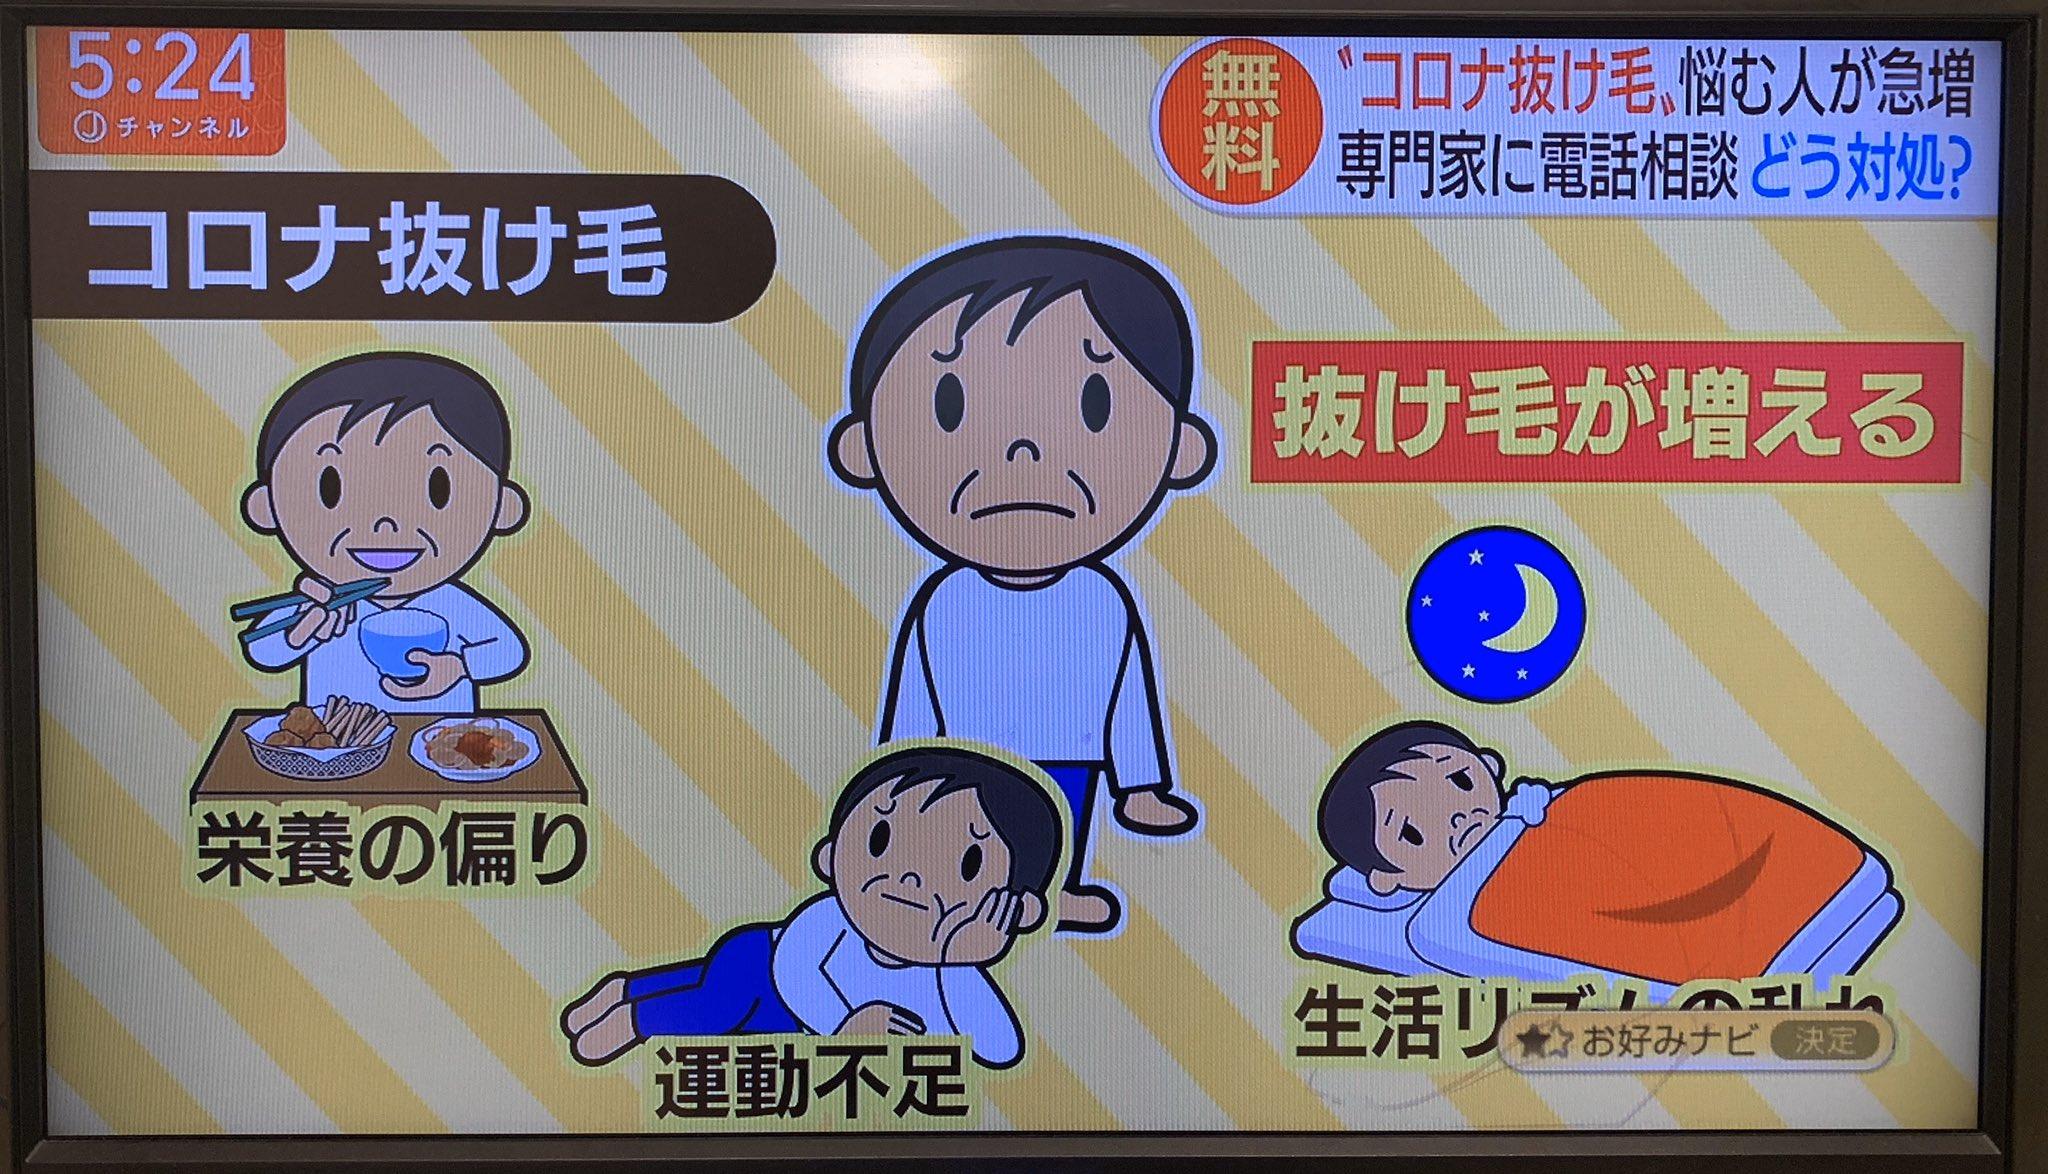 【超悲報】コロナにかかるとハゲるリスク高まると発表される!!!